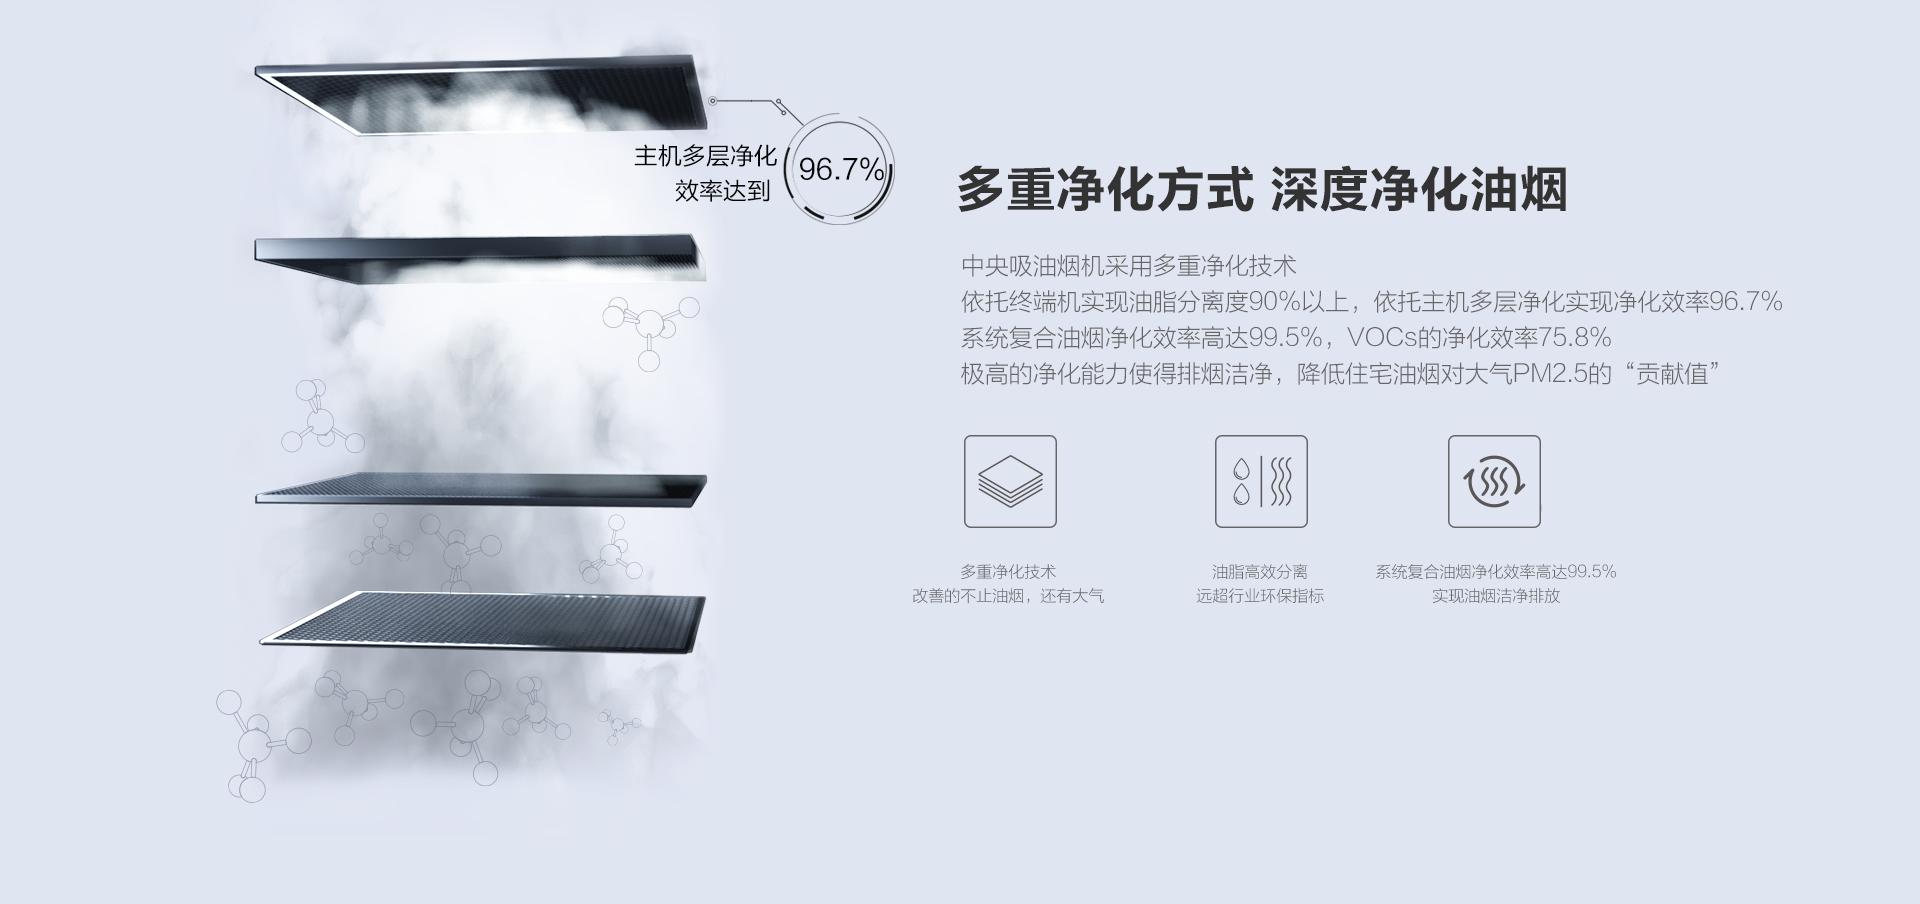 CCS-SLX-100A-详情页-PC端-201225_05.png